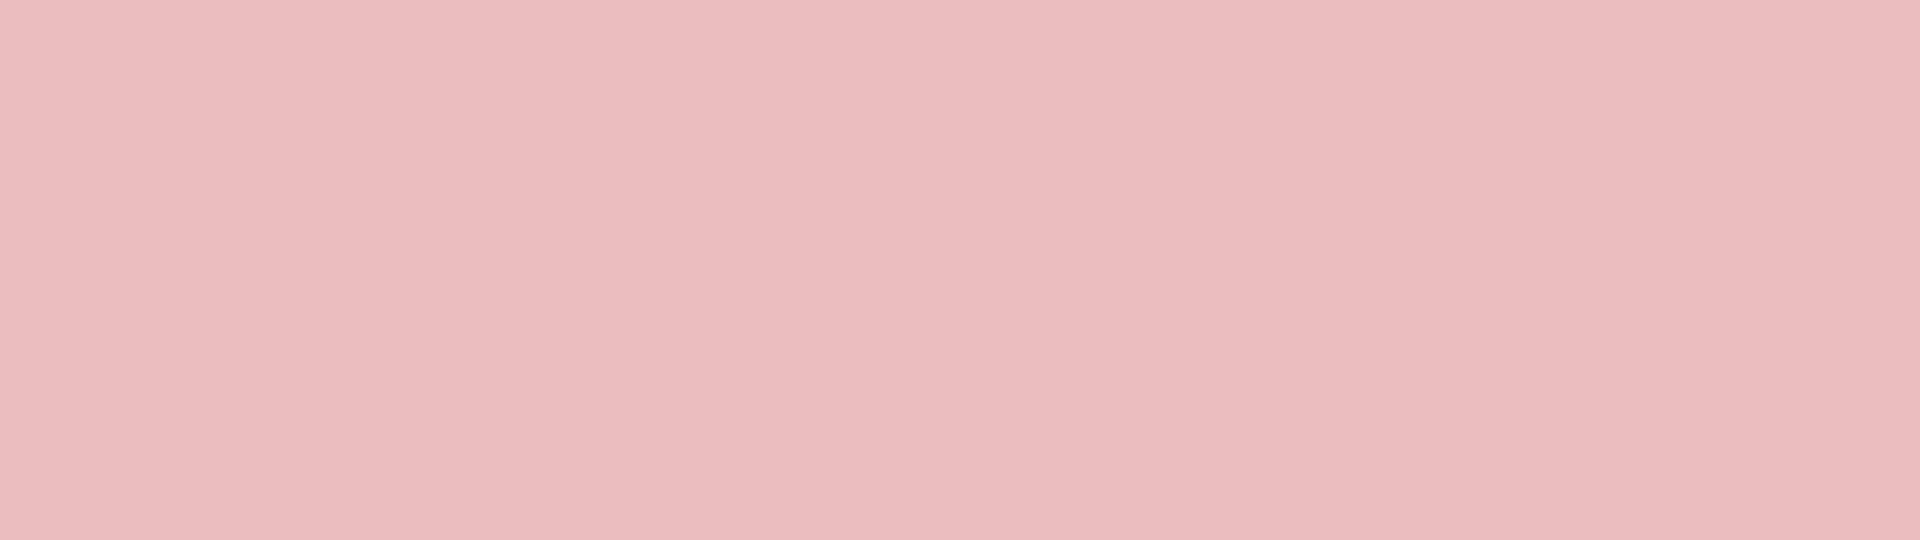 CATEGORY-SDA-UTUSUPURGEEVISLERINDEYARDIMCIN-22-01